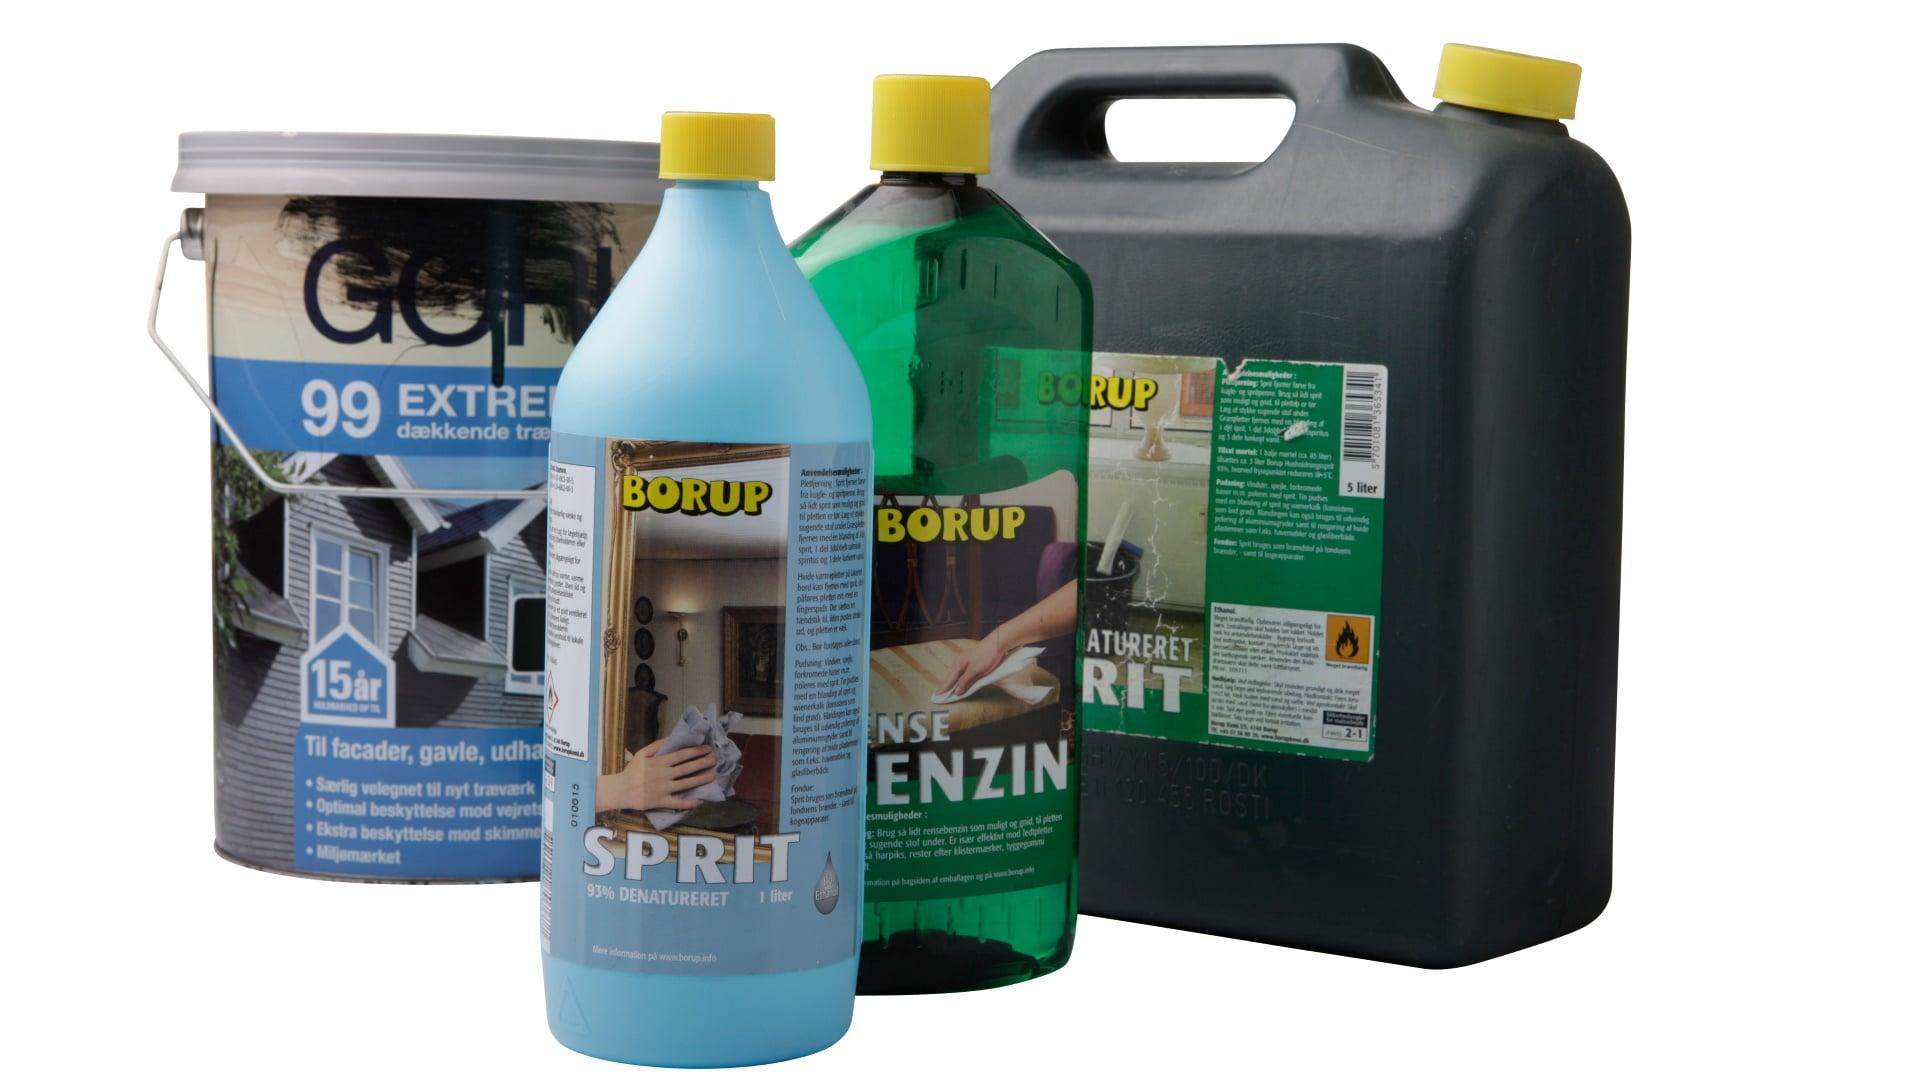 Kemikalieemballage, malingspand, spritflaske og benzinflaske Spritdunk